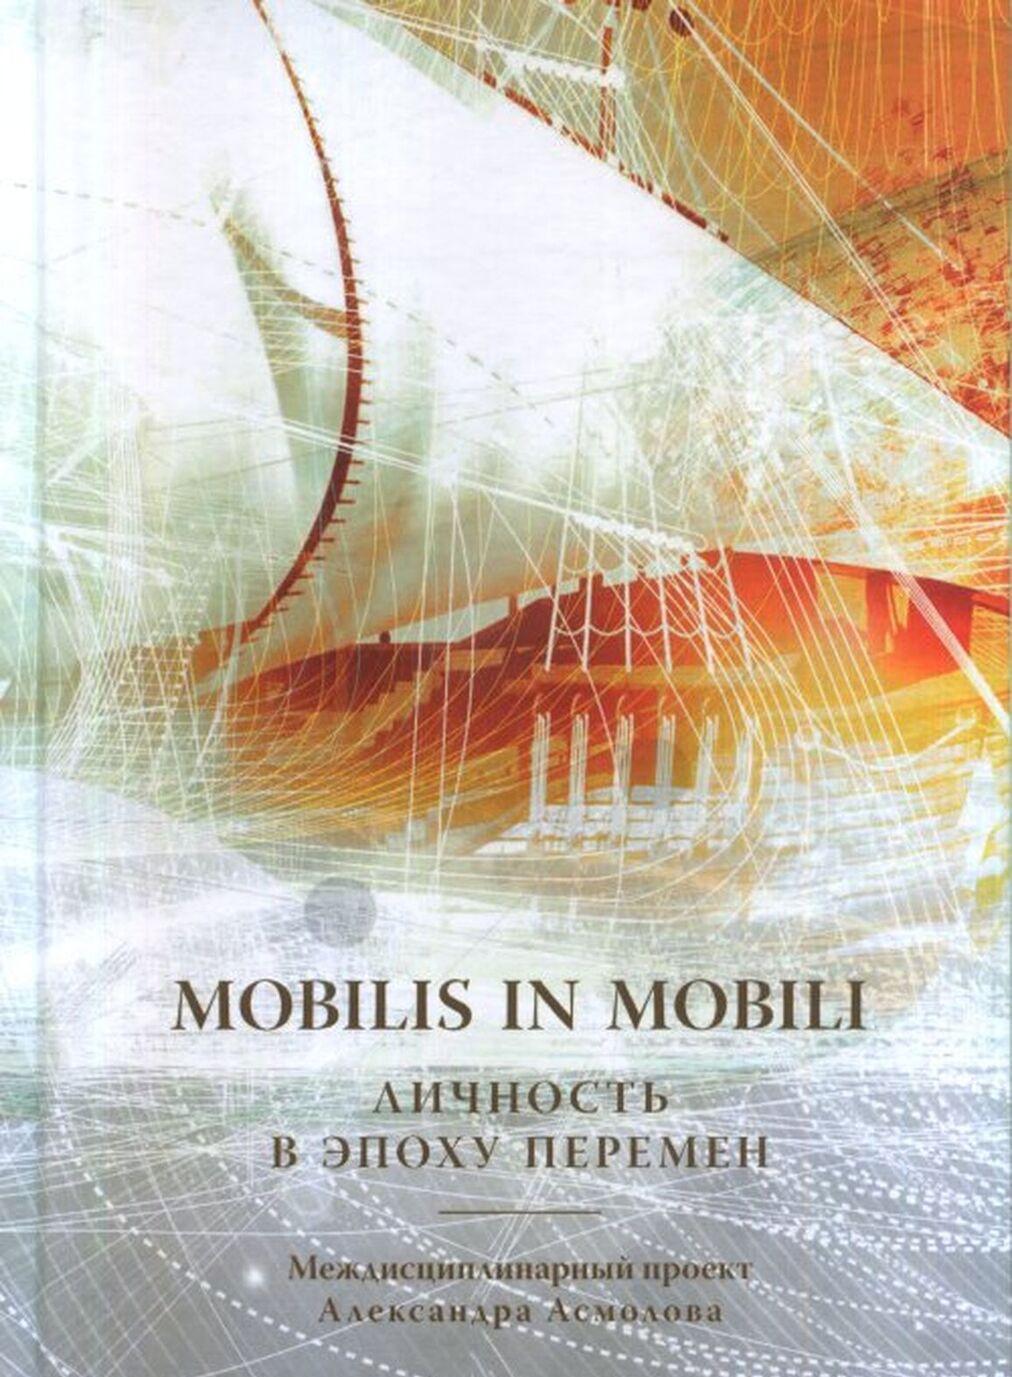 Mobilis in mobili. Lichnost v epokhu peremen